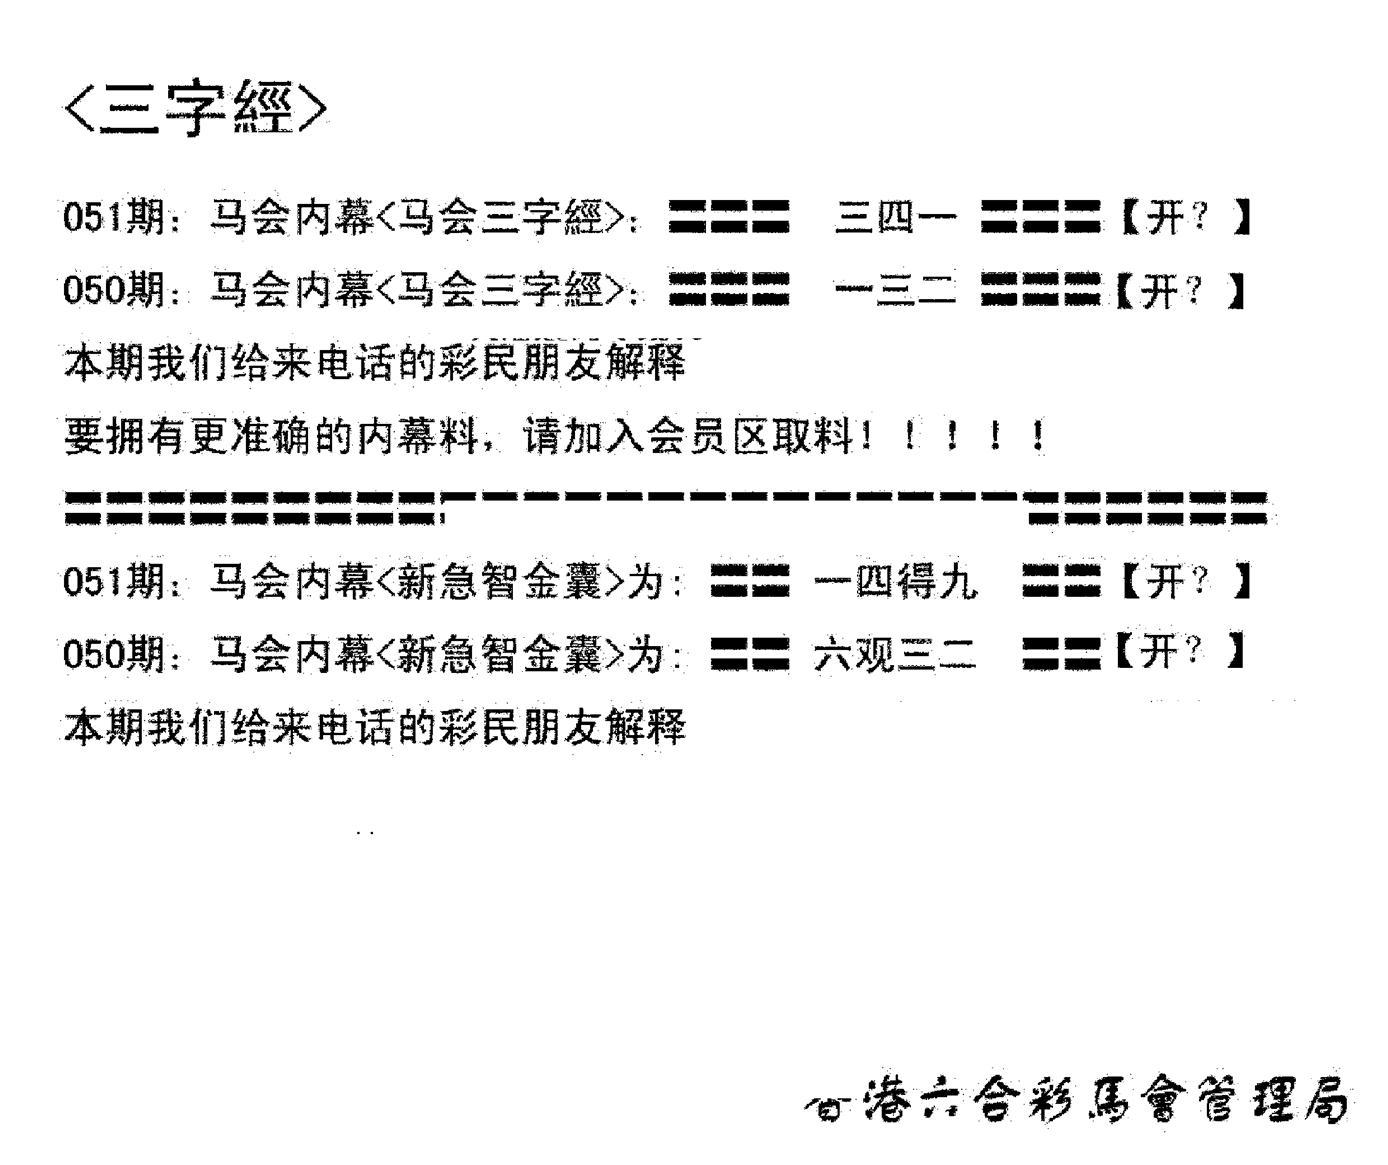 051期电脑版(早版)(黑白)